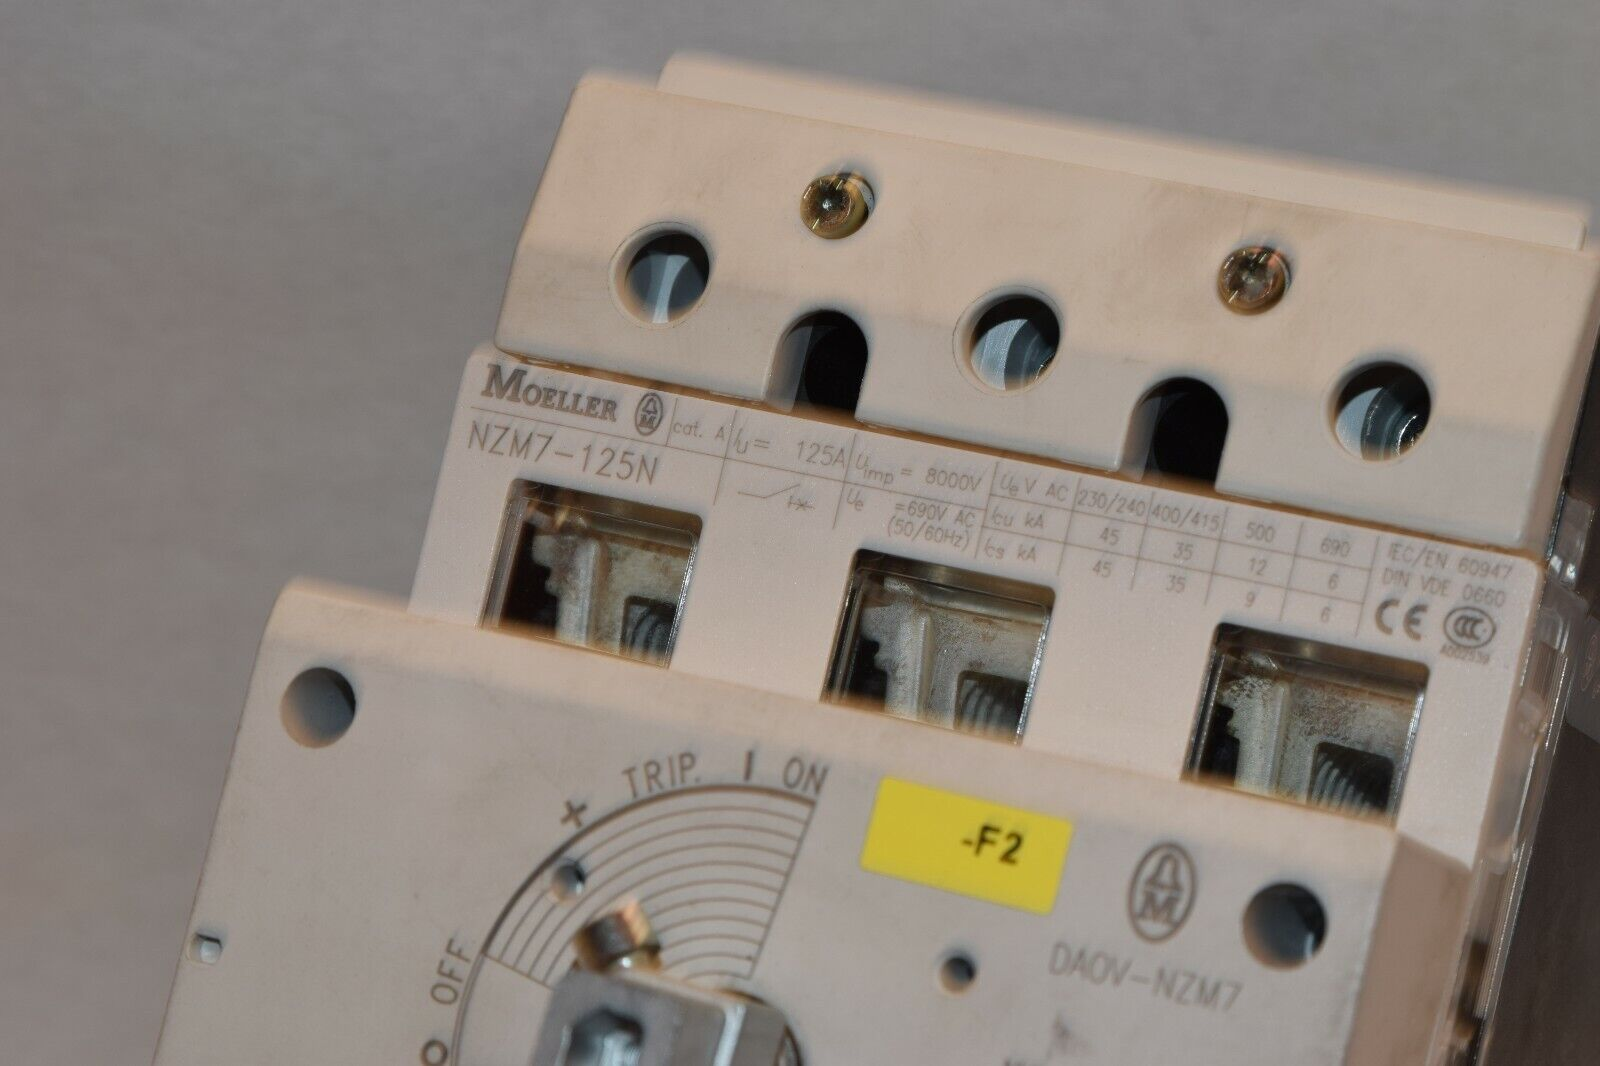 MOELLER NZM7-125N 3 POLE 125A CIRCUIT BREAKER MISSING 1 LUG COVER  - $88.00